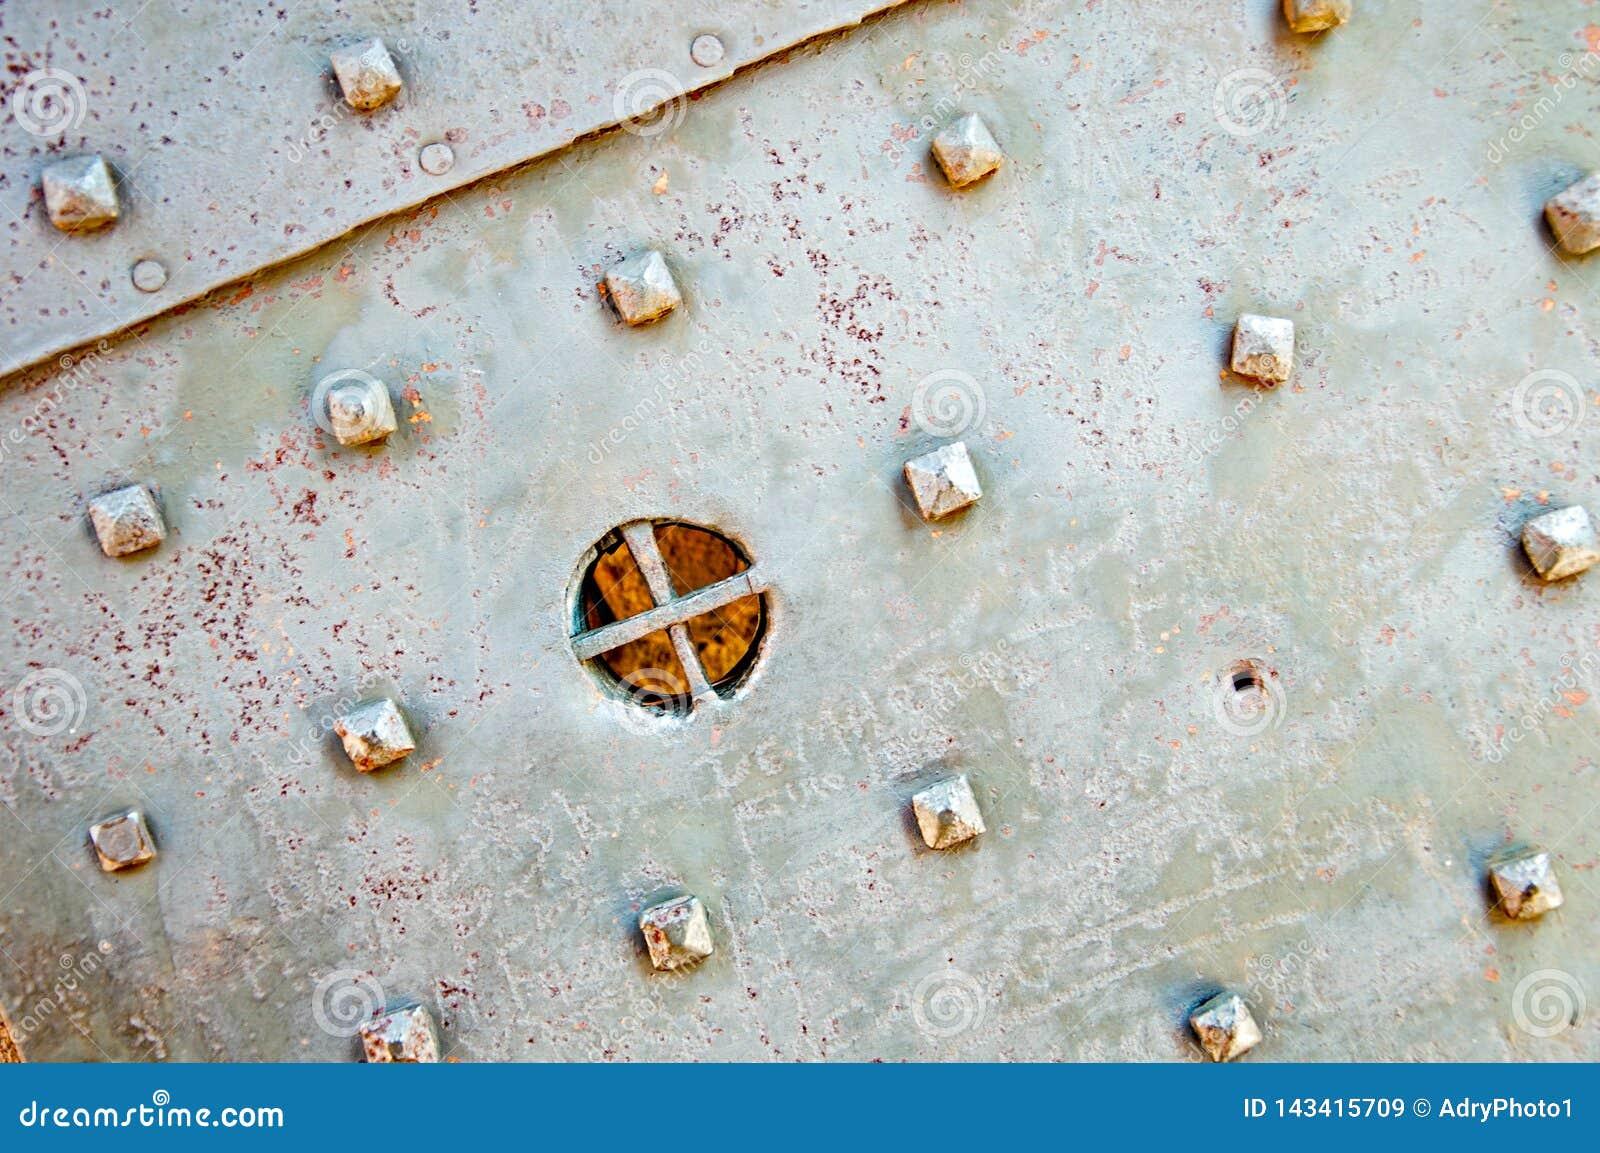 Dozza Italia: Antyczny Grodowy Drzwiowy szczegół